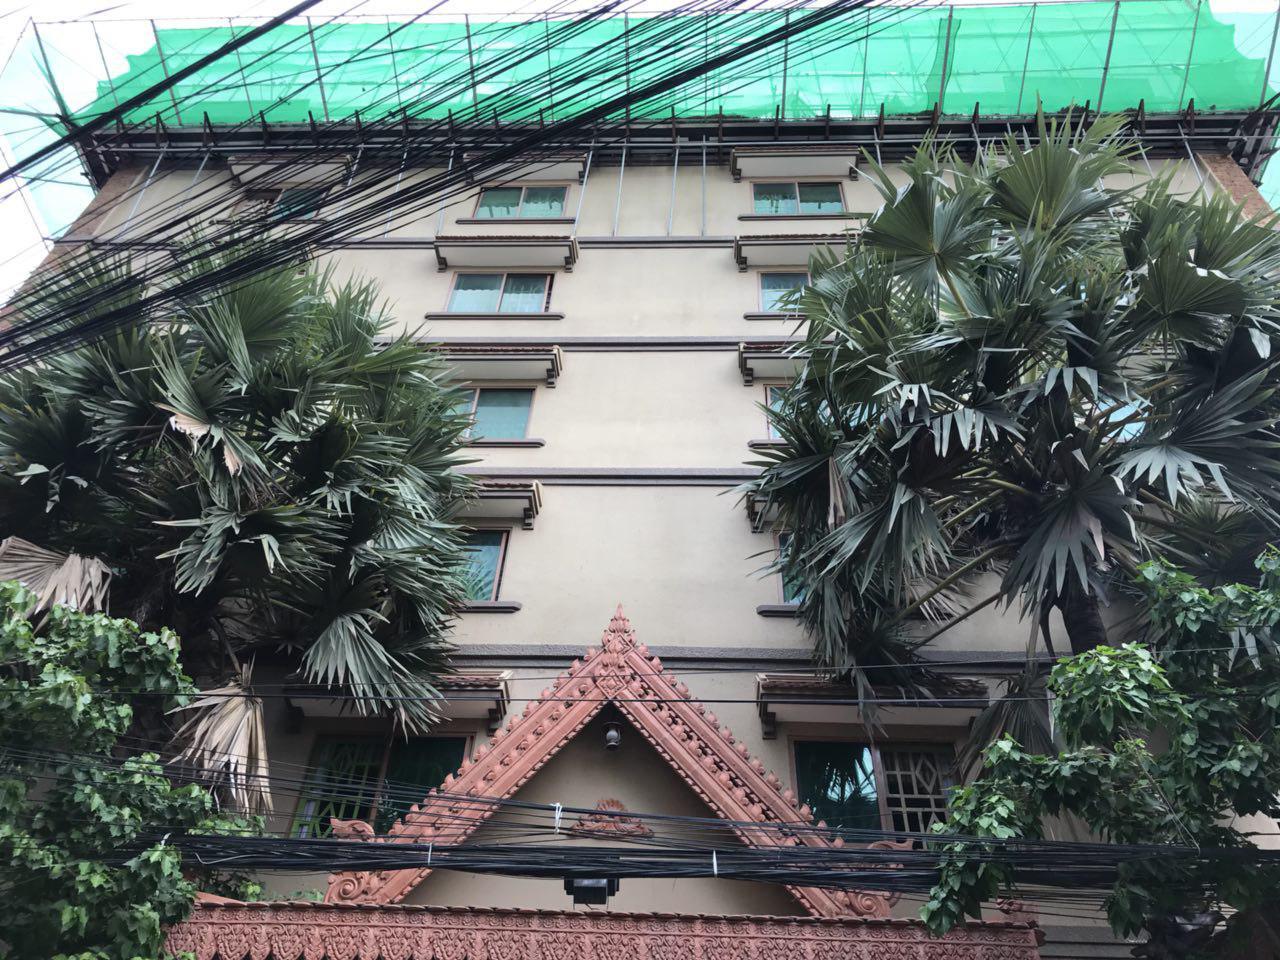 酒店出售-土地面积:25米x 25米-房间:91-PNH-023